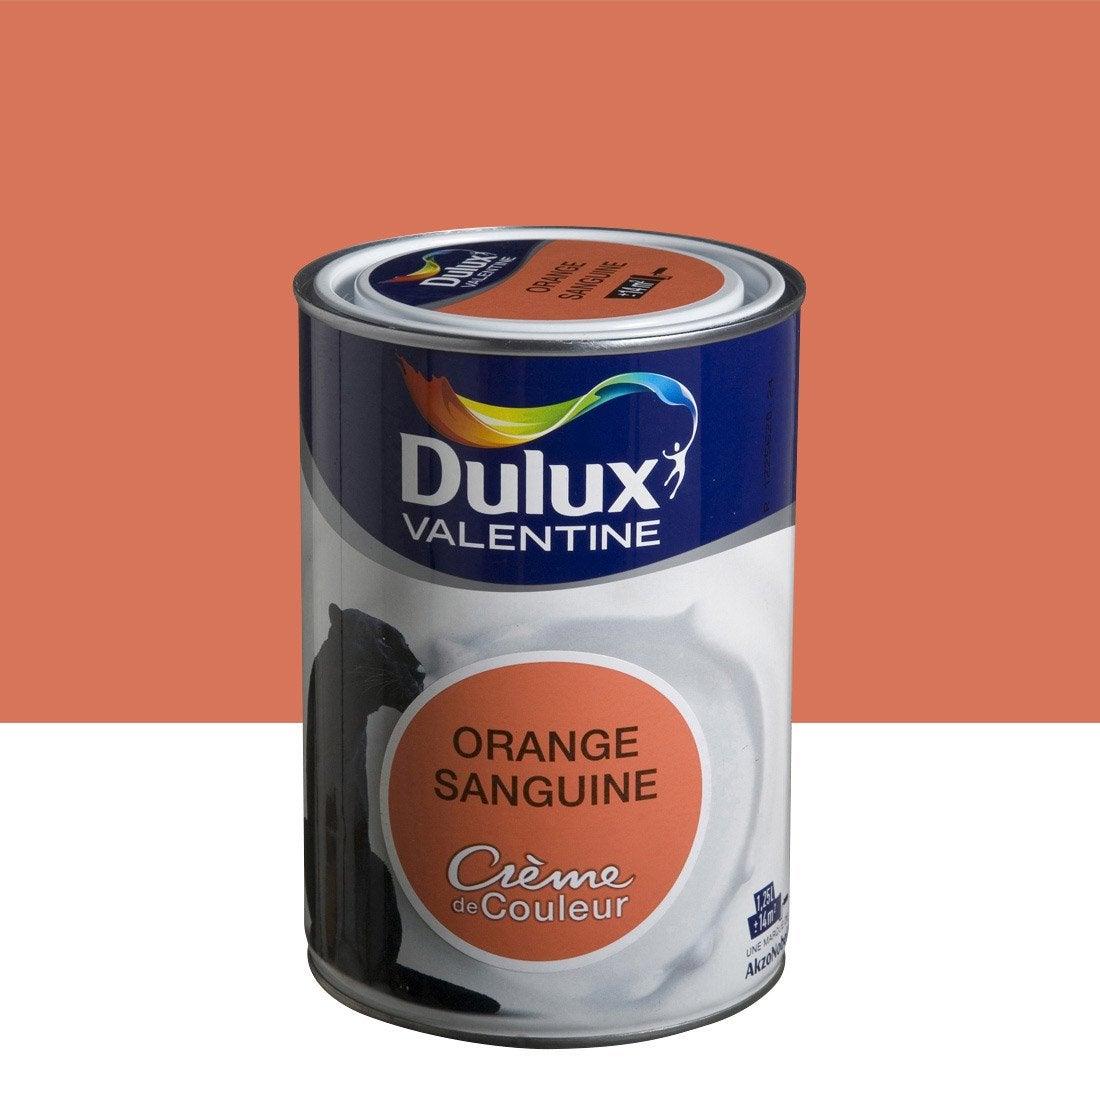 peinture orange sanguine dulux valentine cr me de couleur. Black Bedroom Furniture Sets. Home Design Ideas